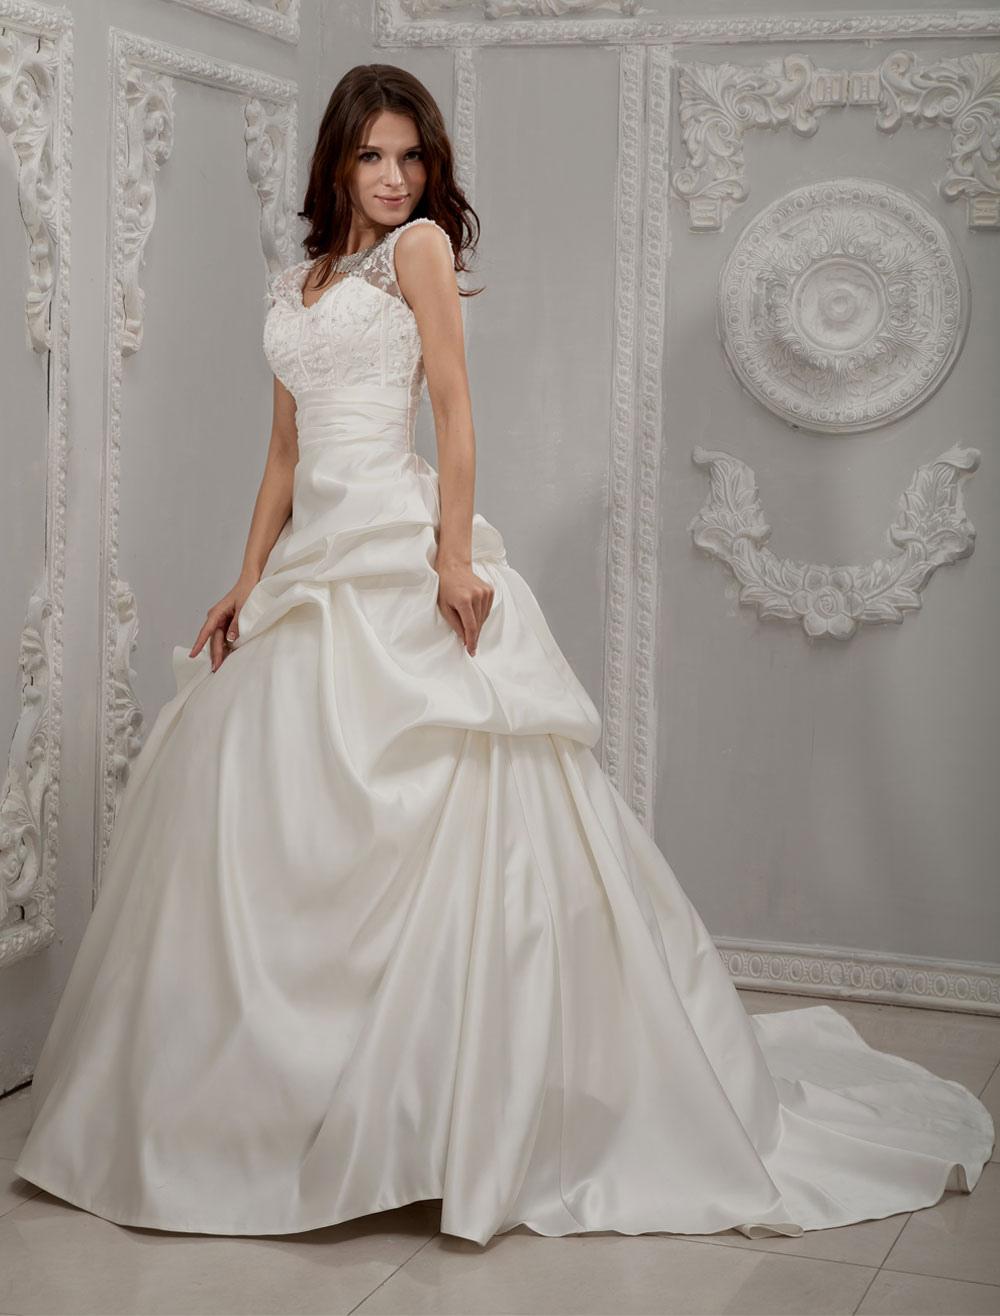 2ed5428a2 Vestido de novia con cuello en V de cola larga - Milanoo.com